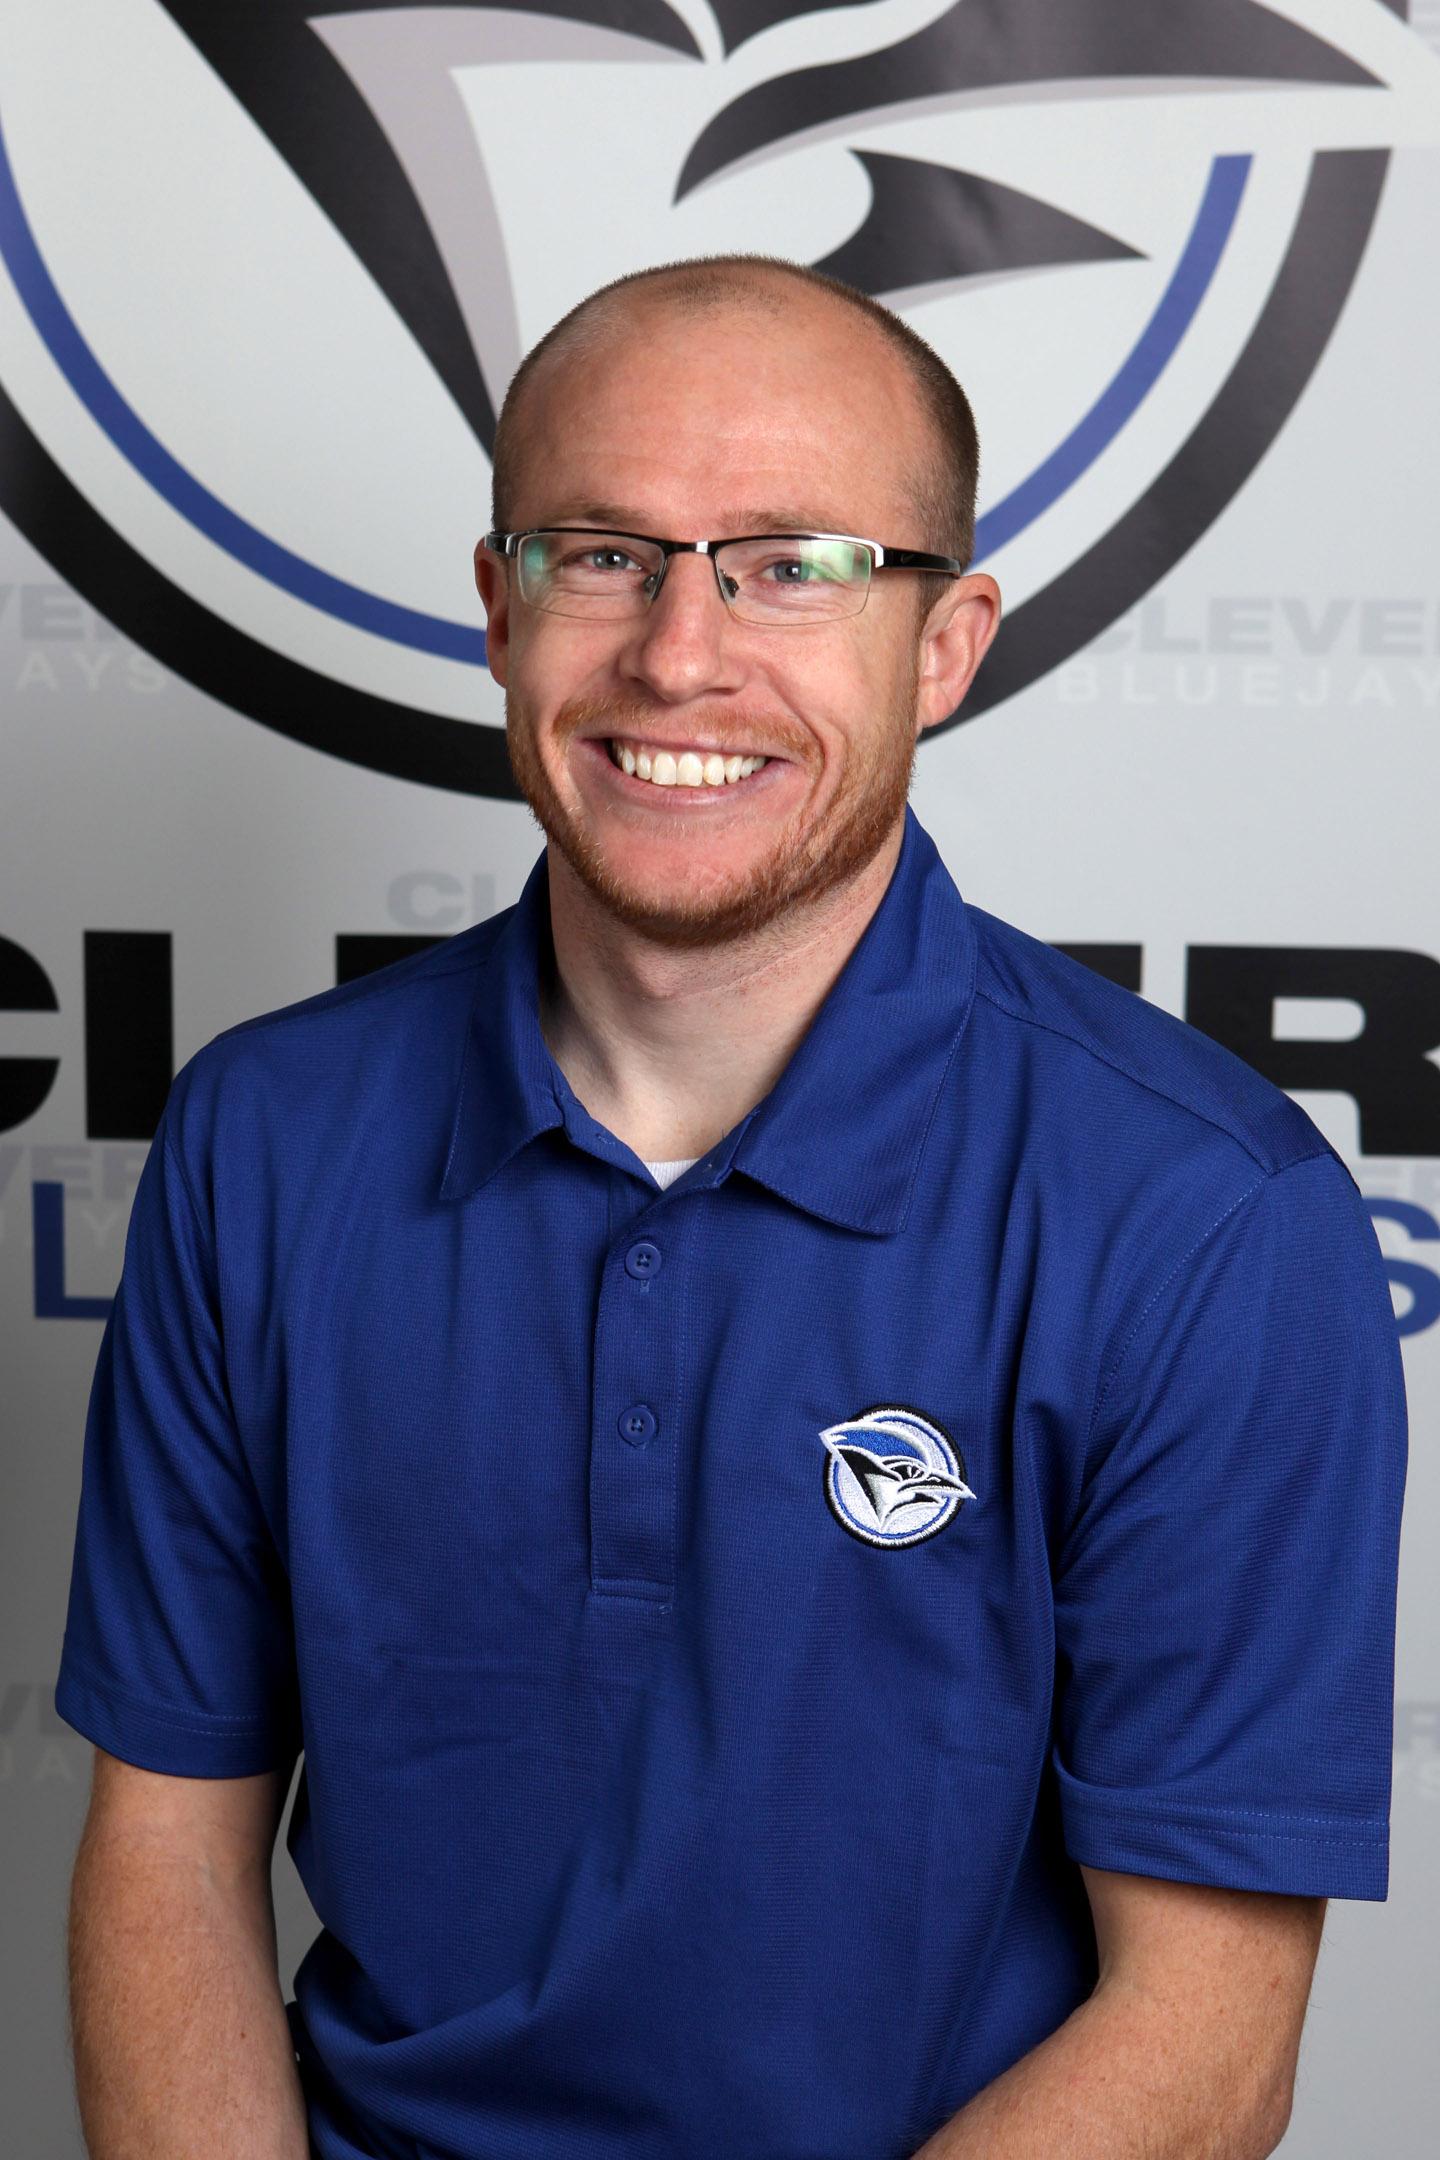 Clint Satterlee, Board Member